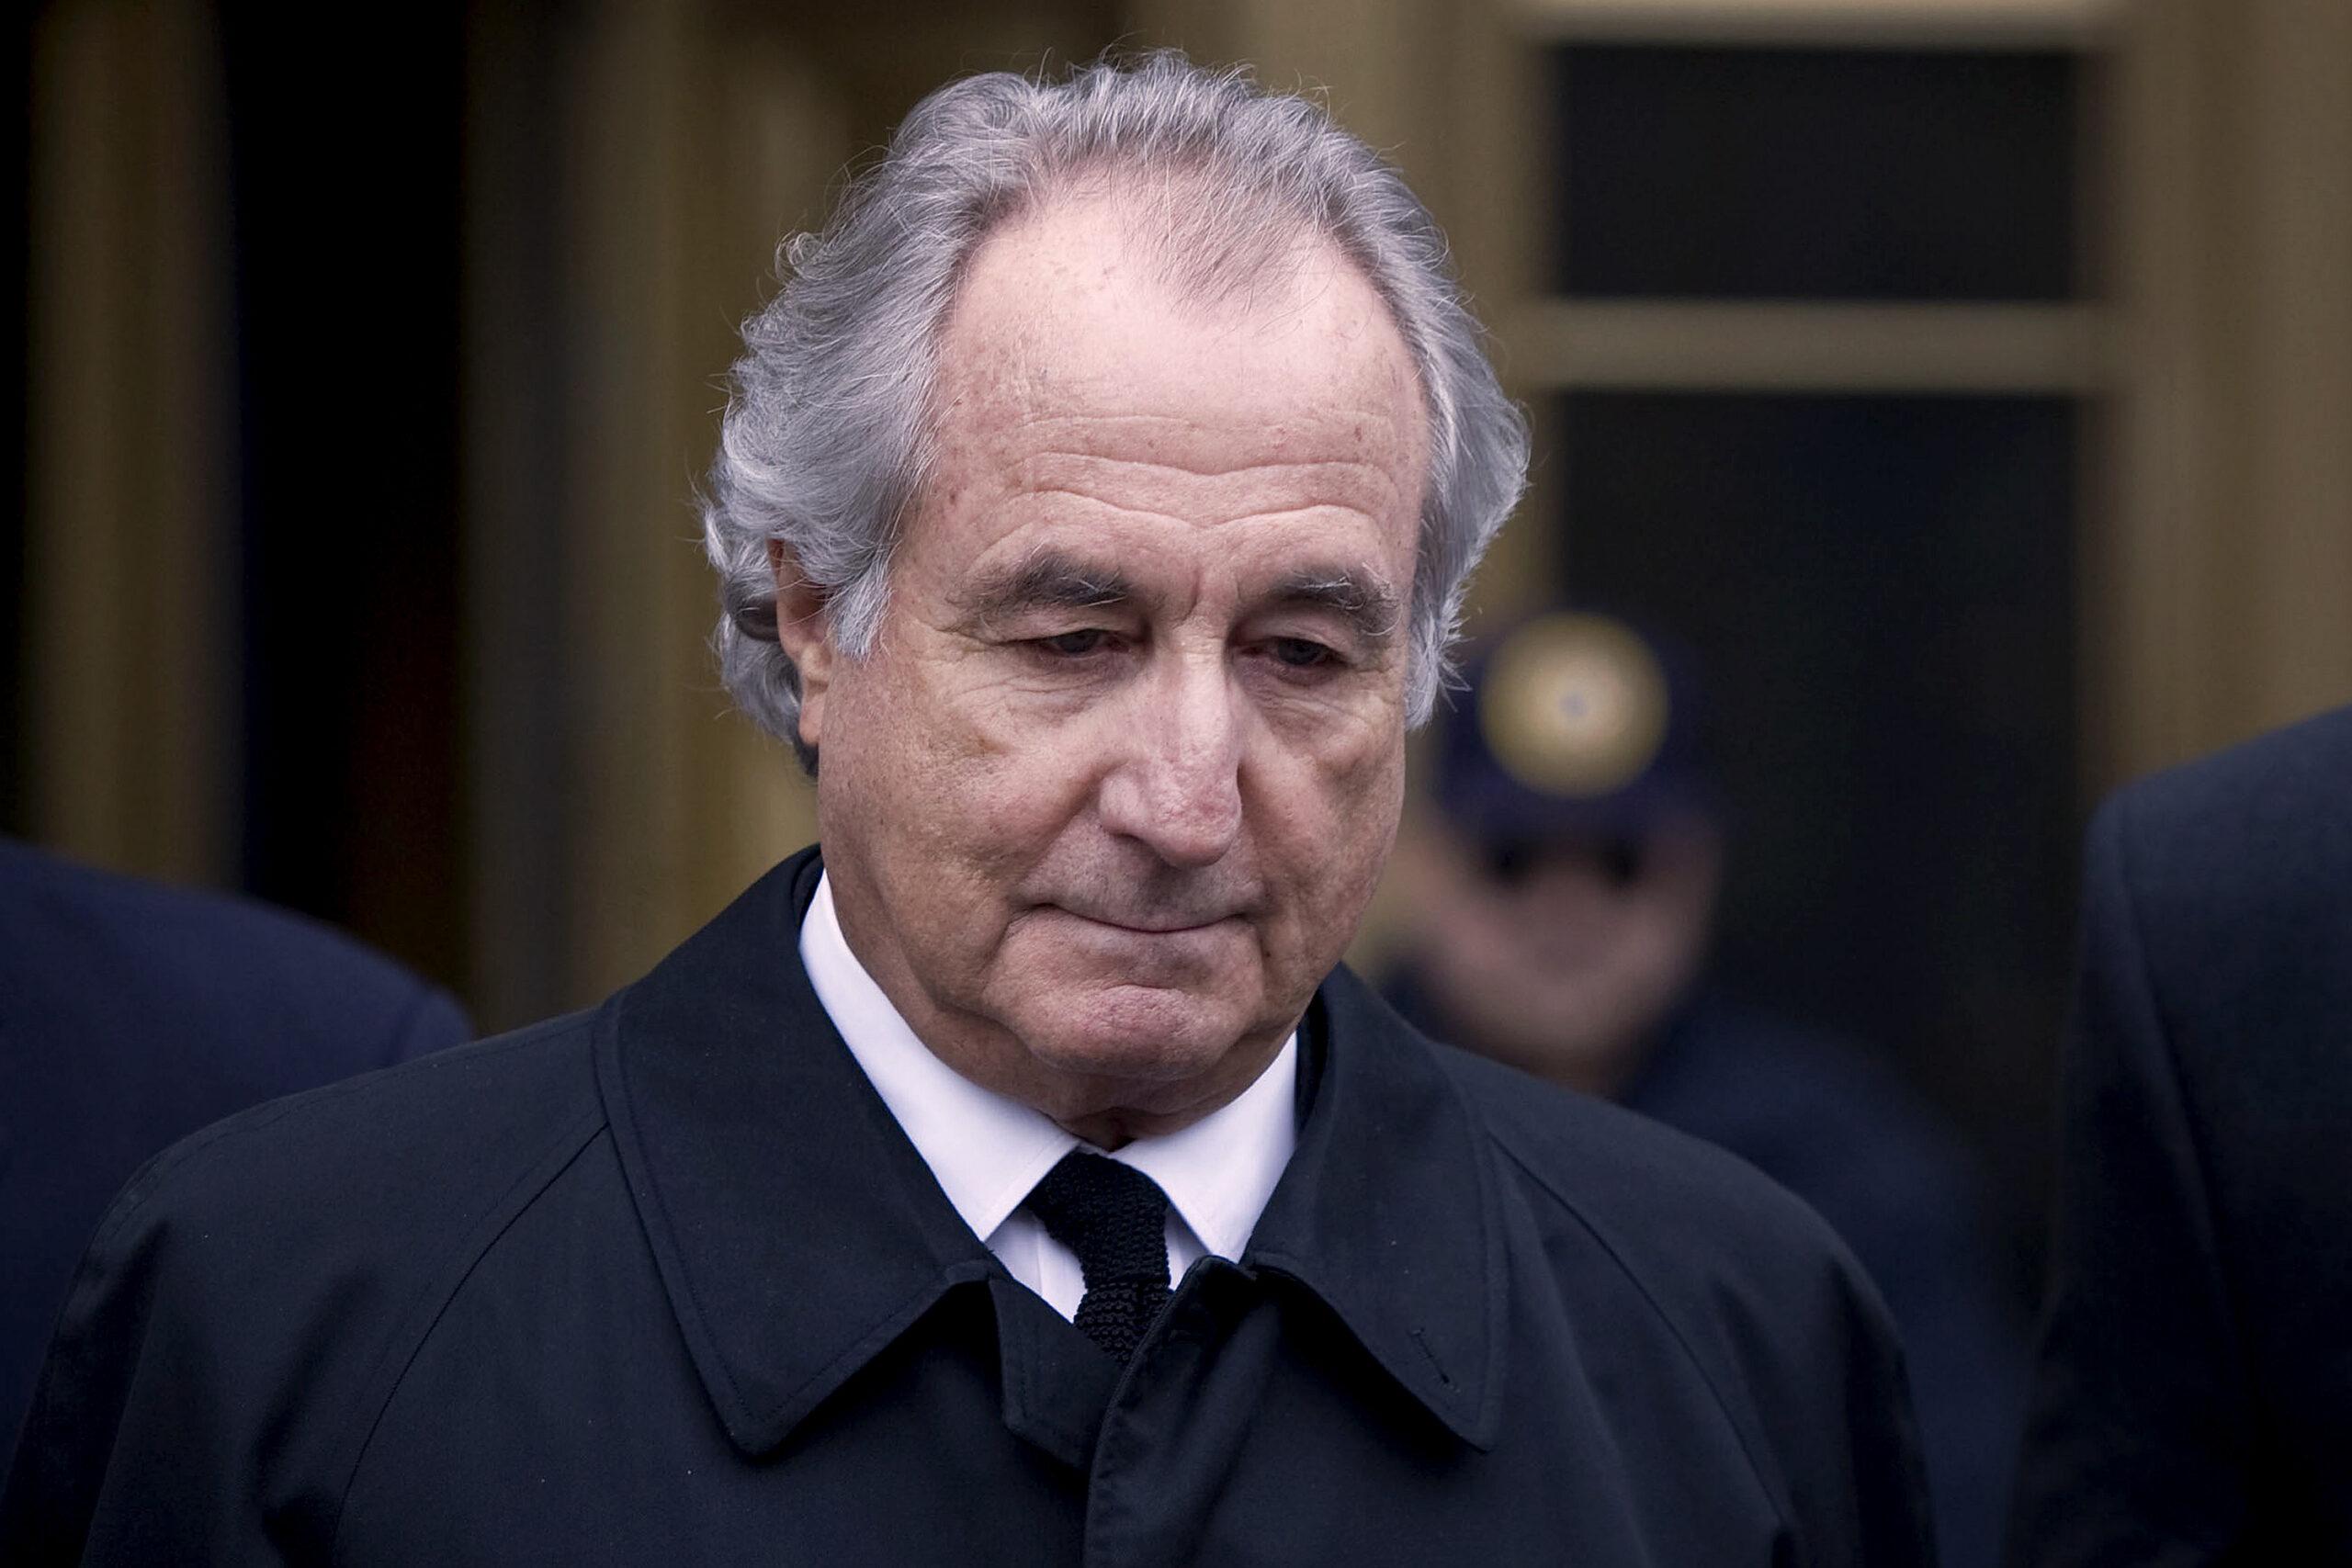 O maior vigarista da história, Bernard Madoff, morreu na prisão